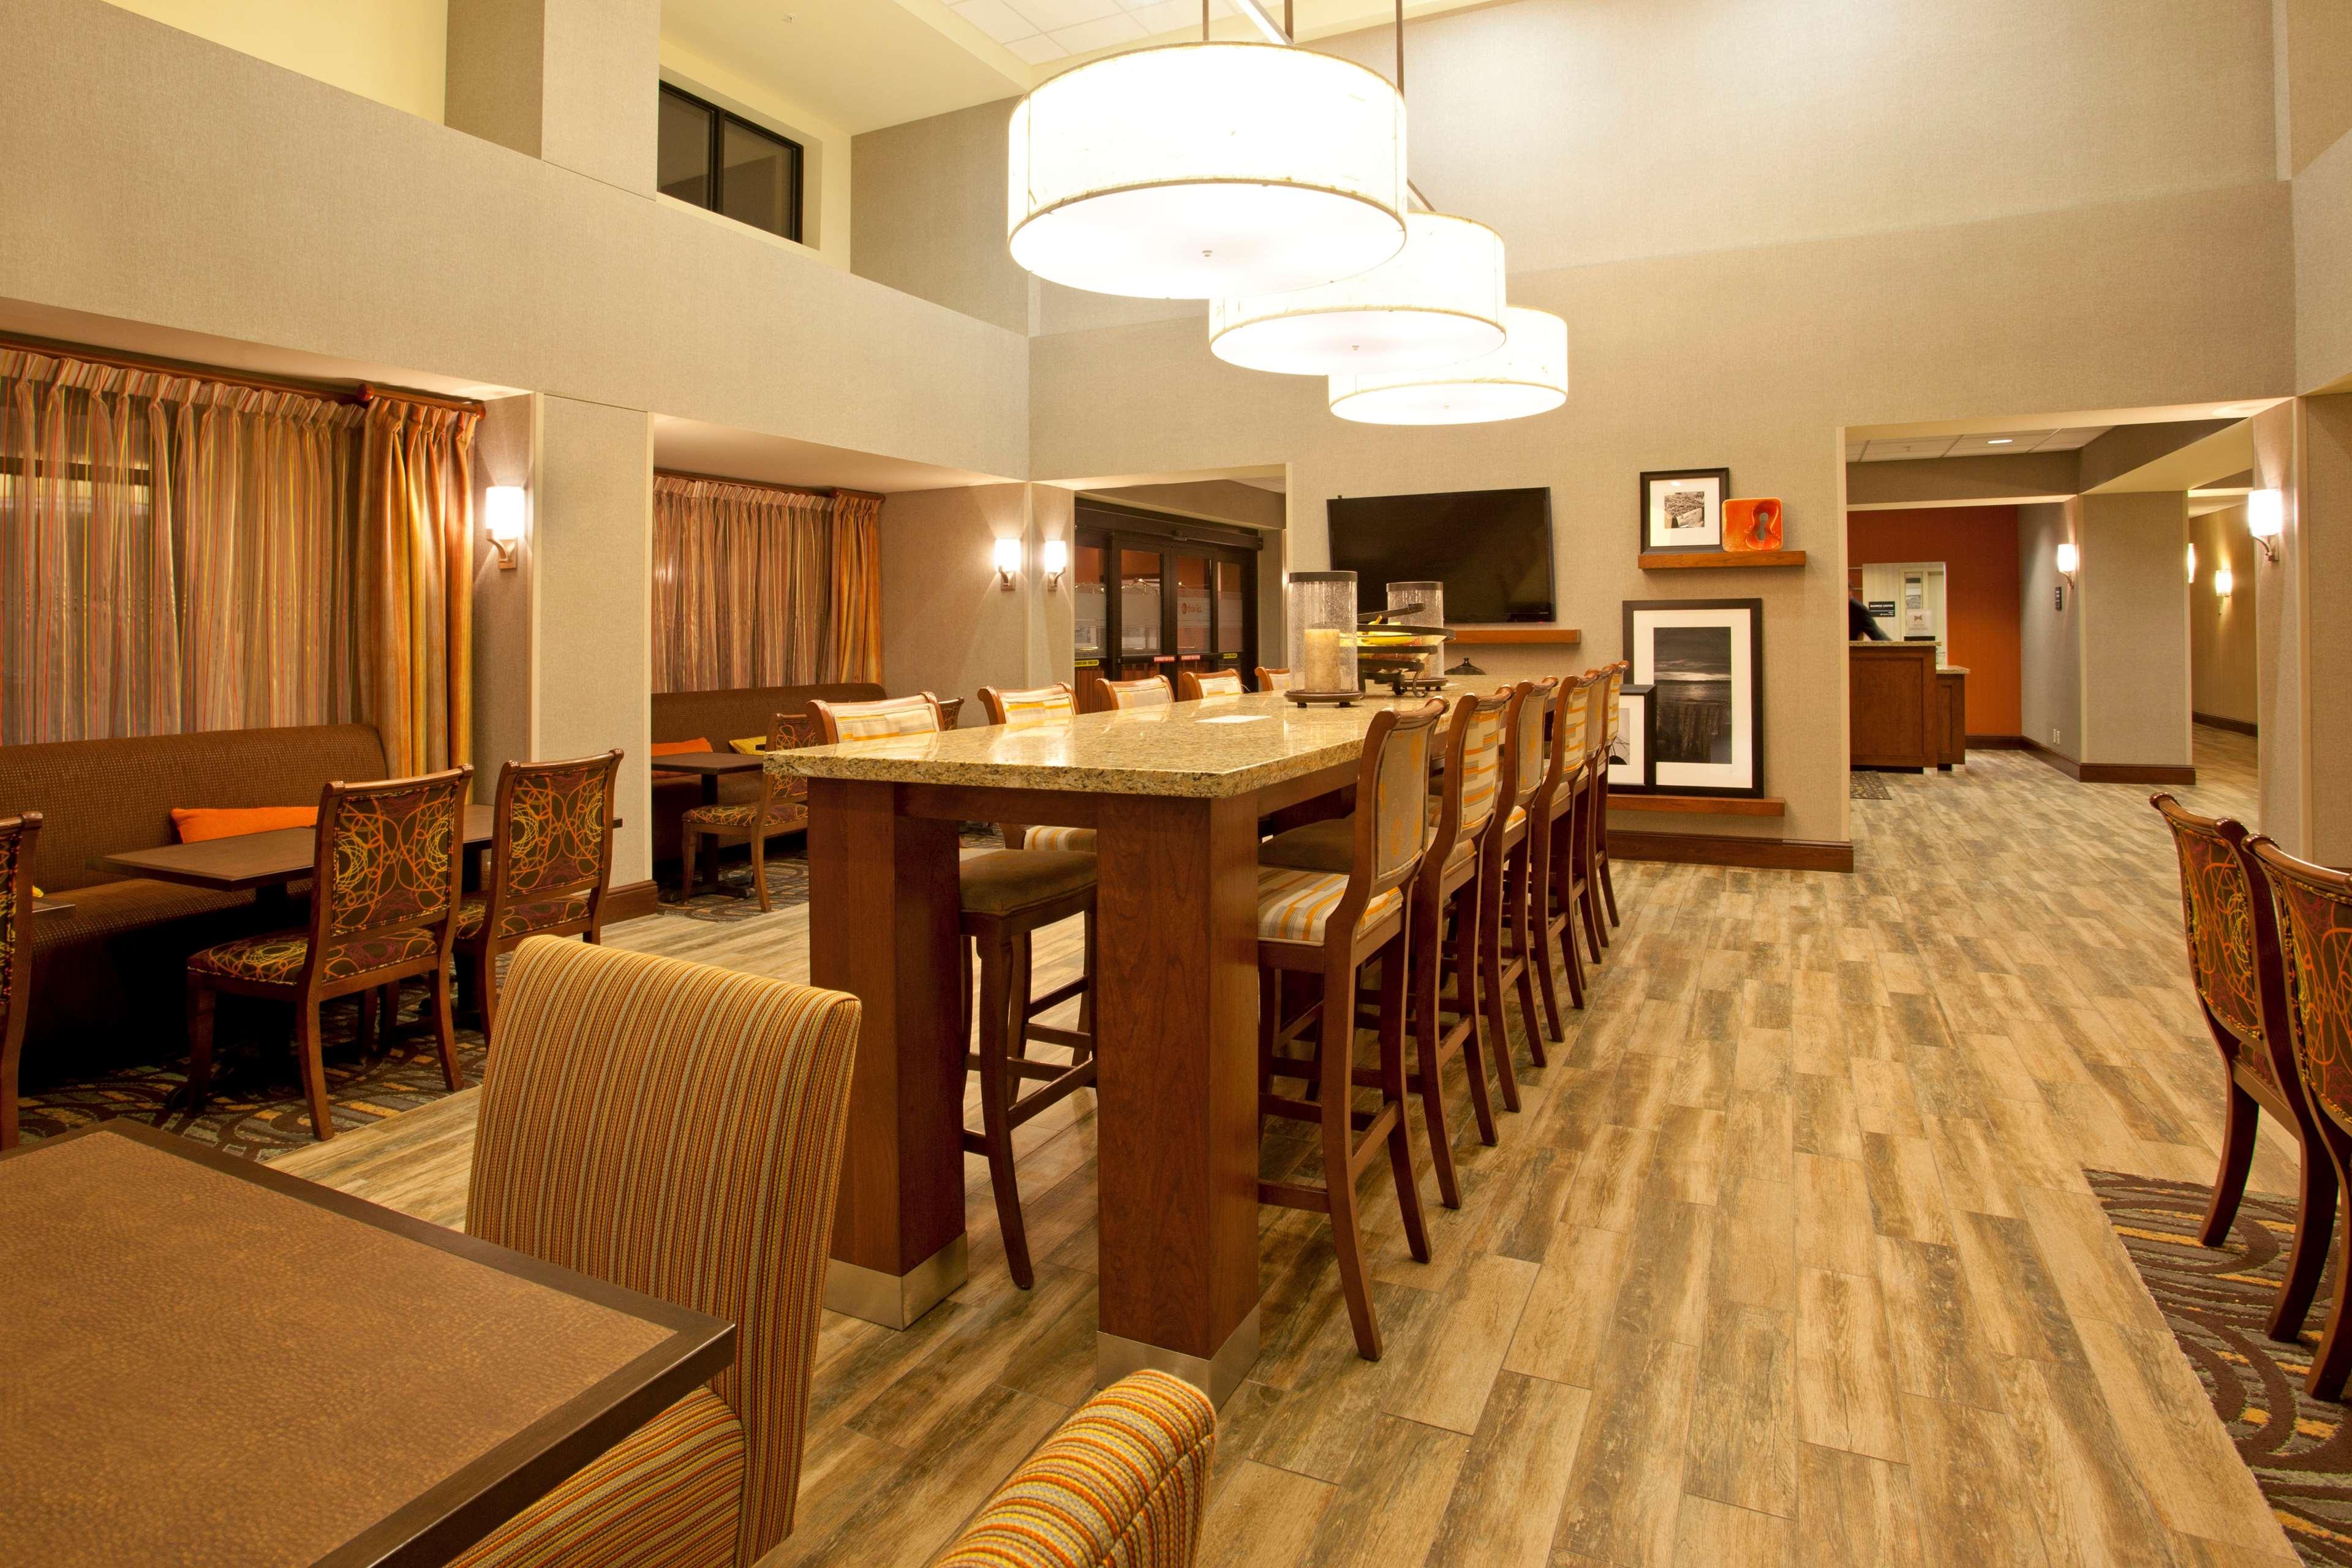 Hampton Inn Suites Minneapolis St Paul Arpt-Mall of America image 2